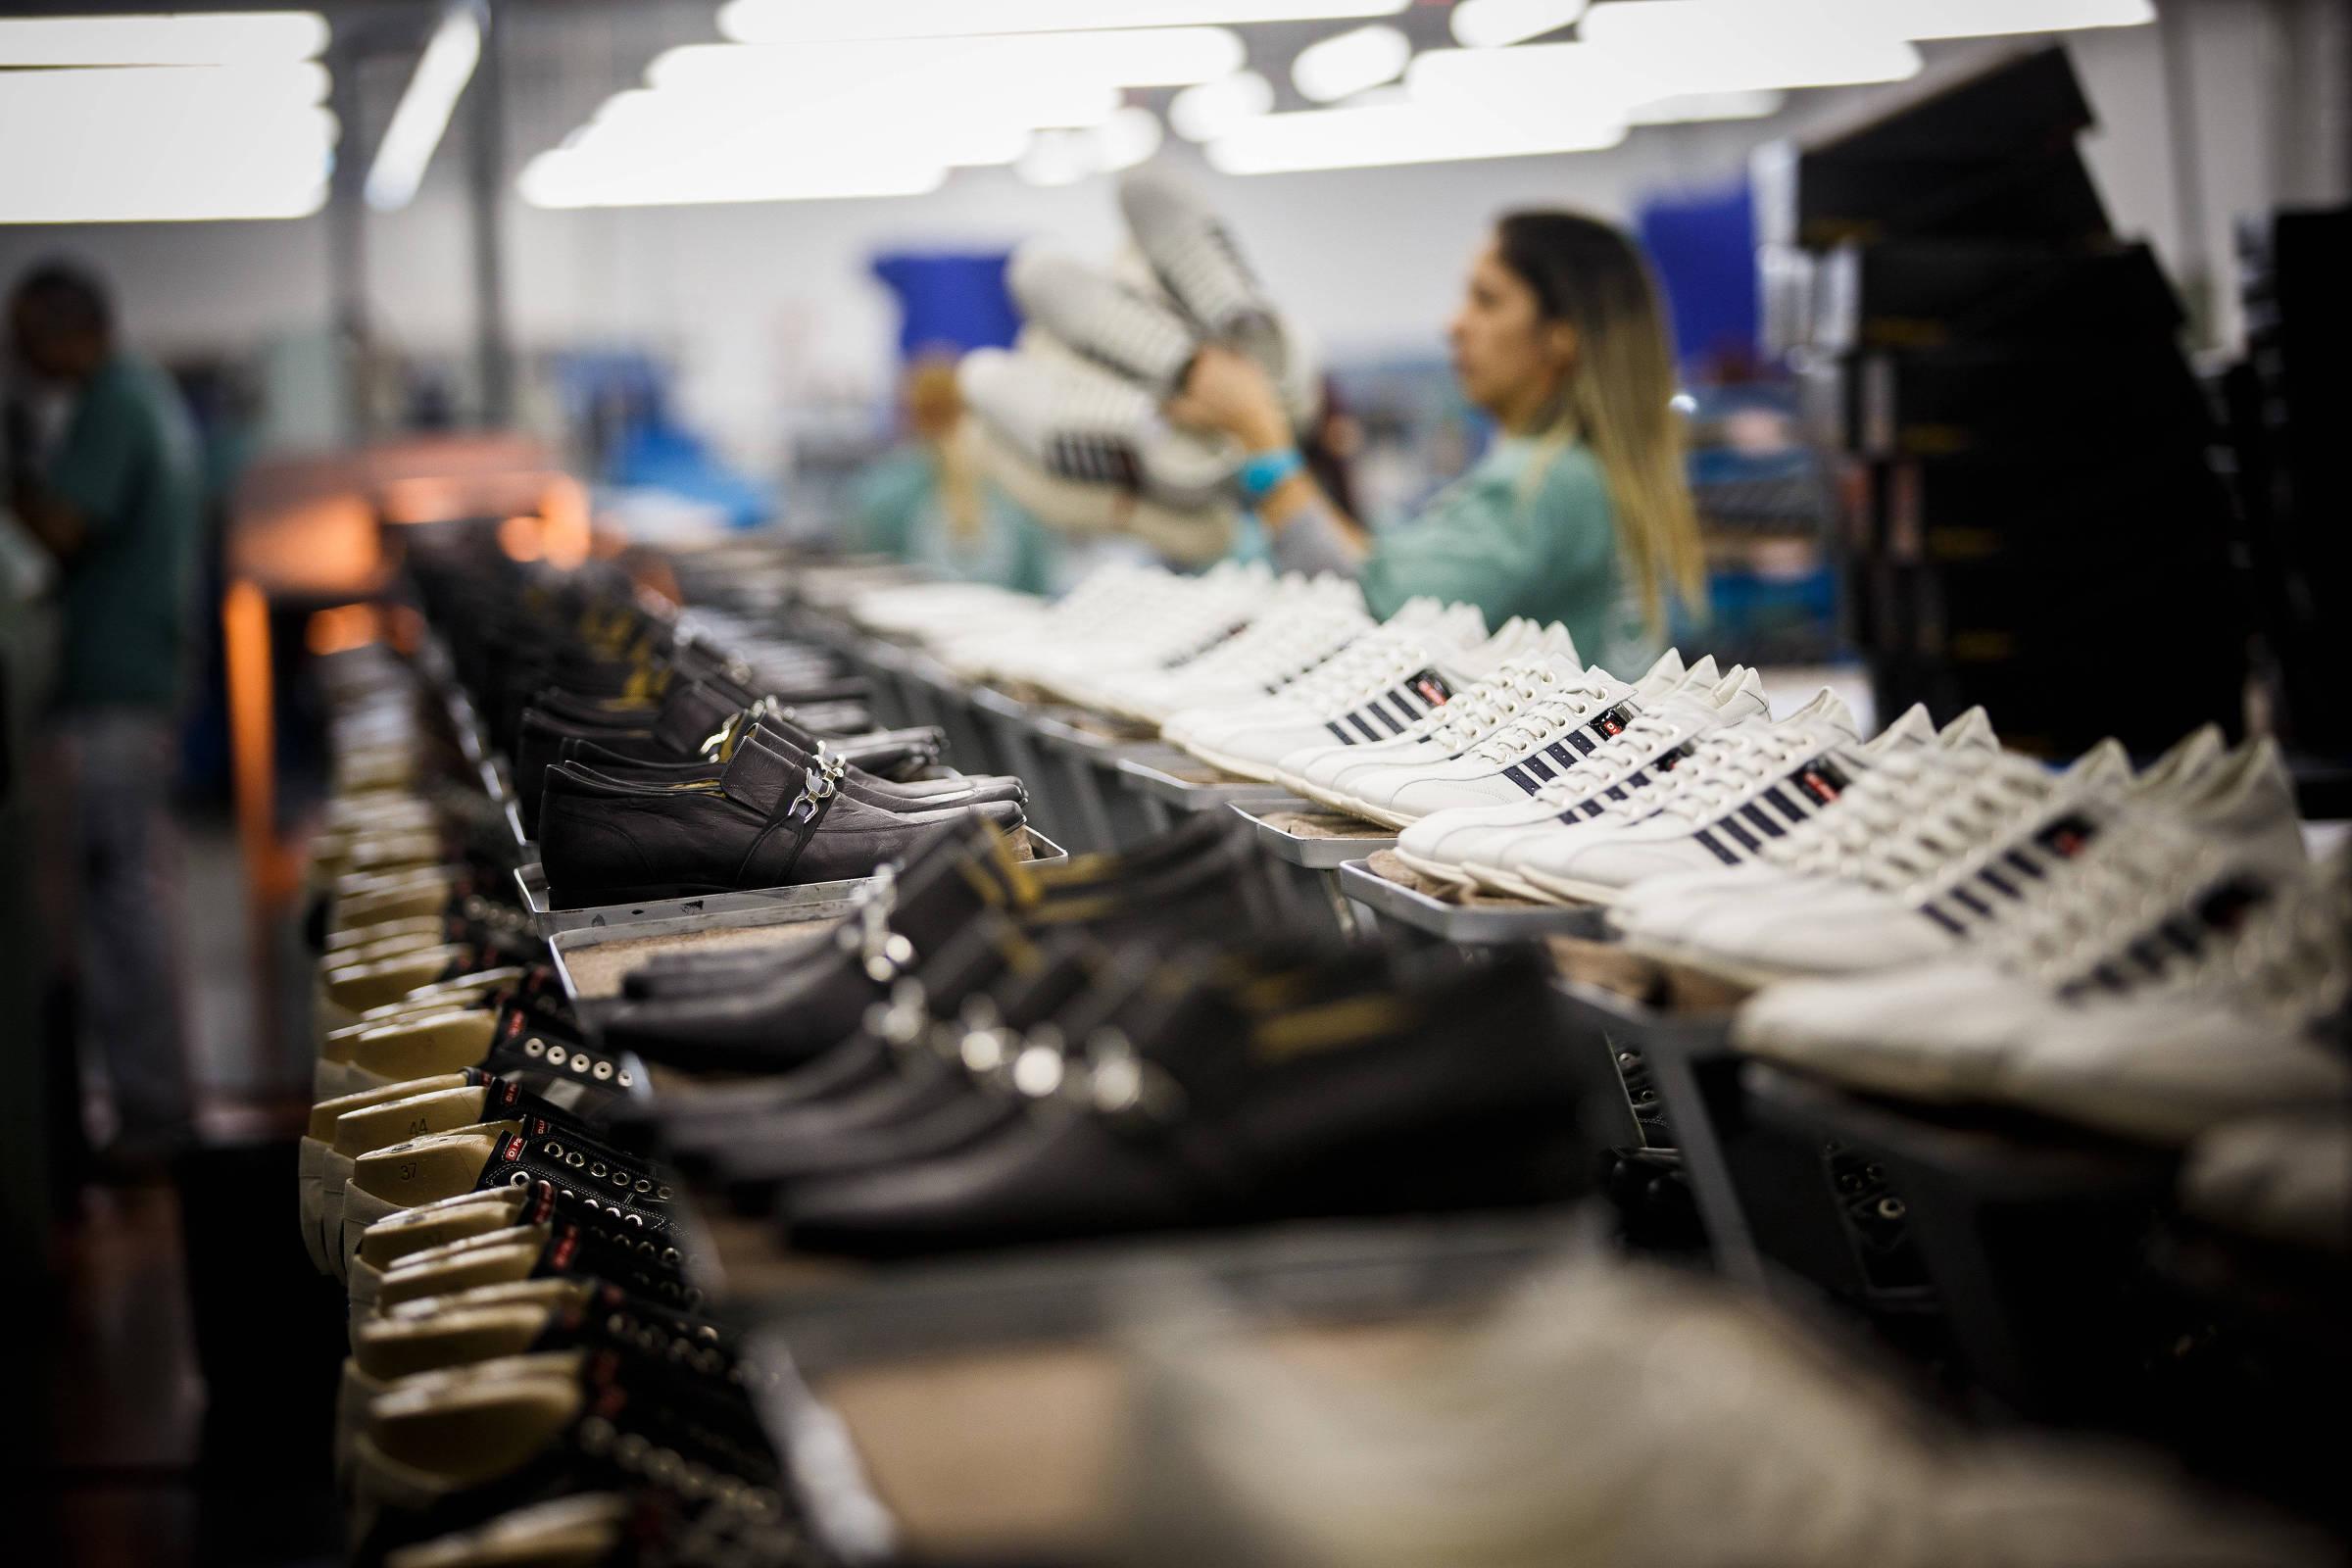 0d8489794 1/3 da produção de calçados está parada dentro das fábricas, diz  Abicalçados - 29/05/2018 - Mercado - Folha